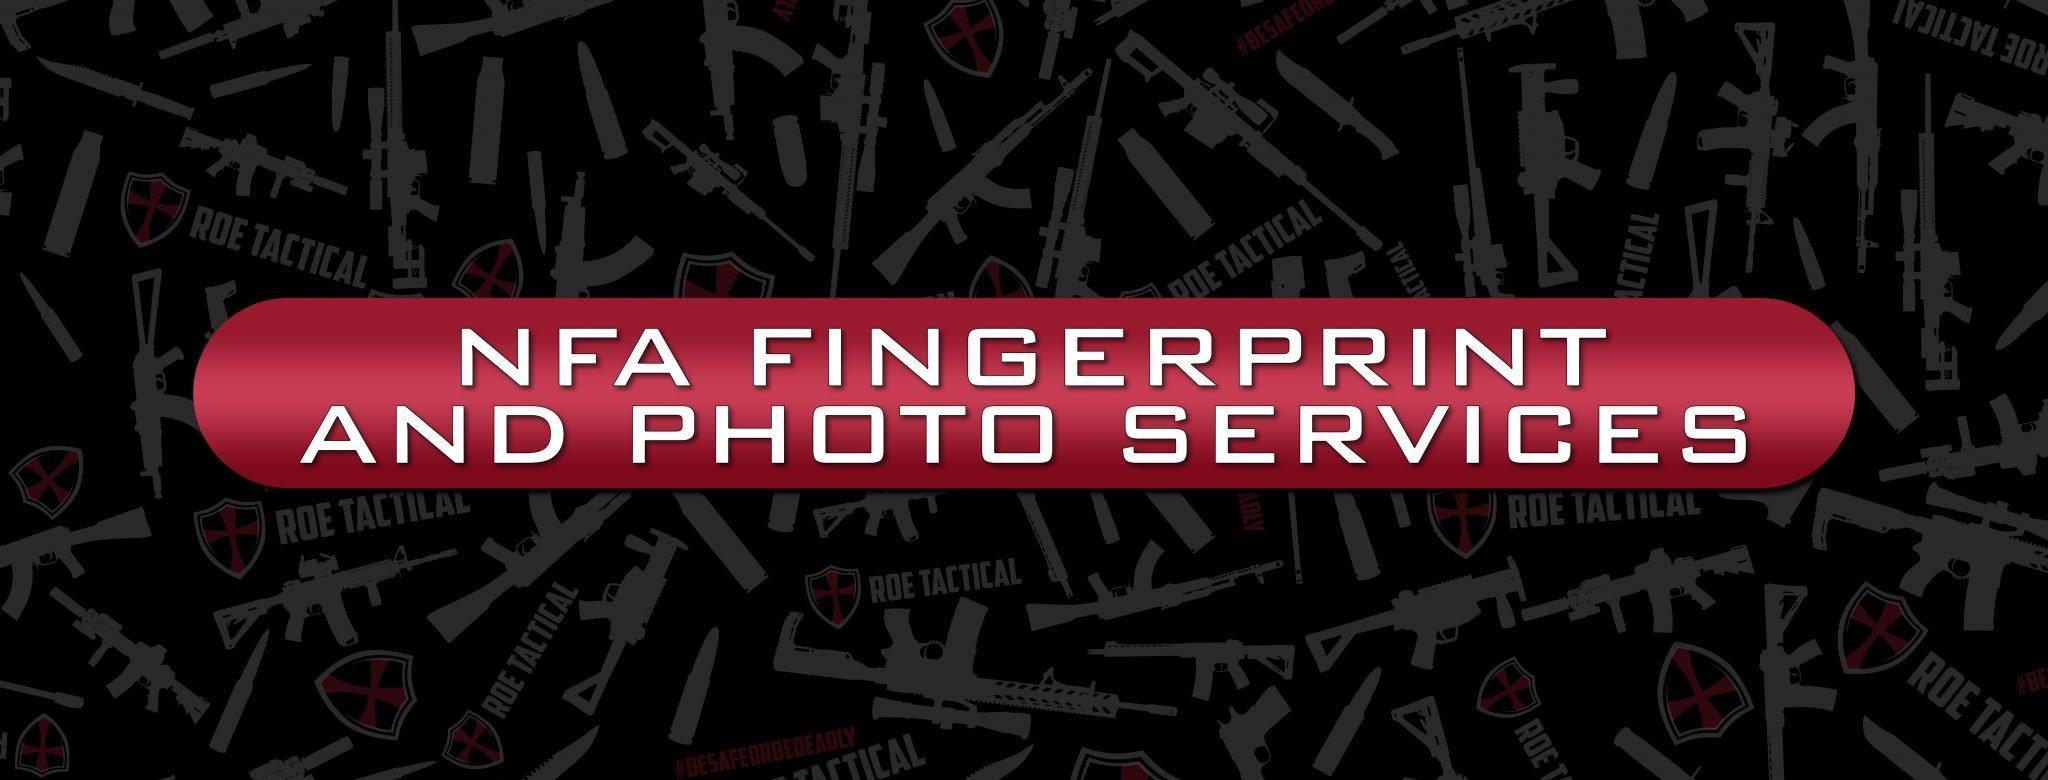 NFA Fingerprints and Photo Services